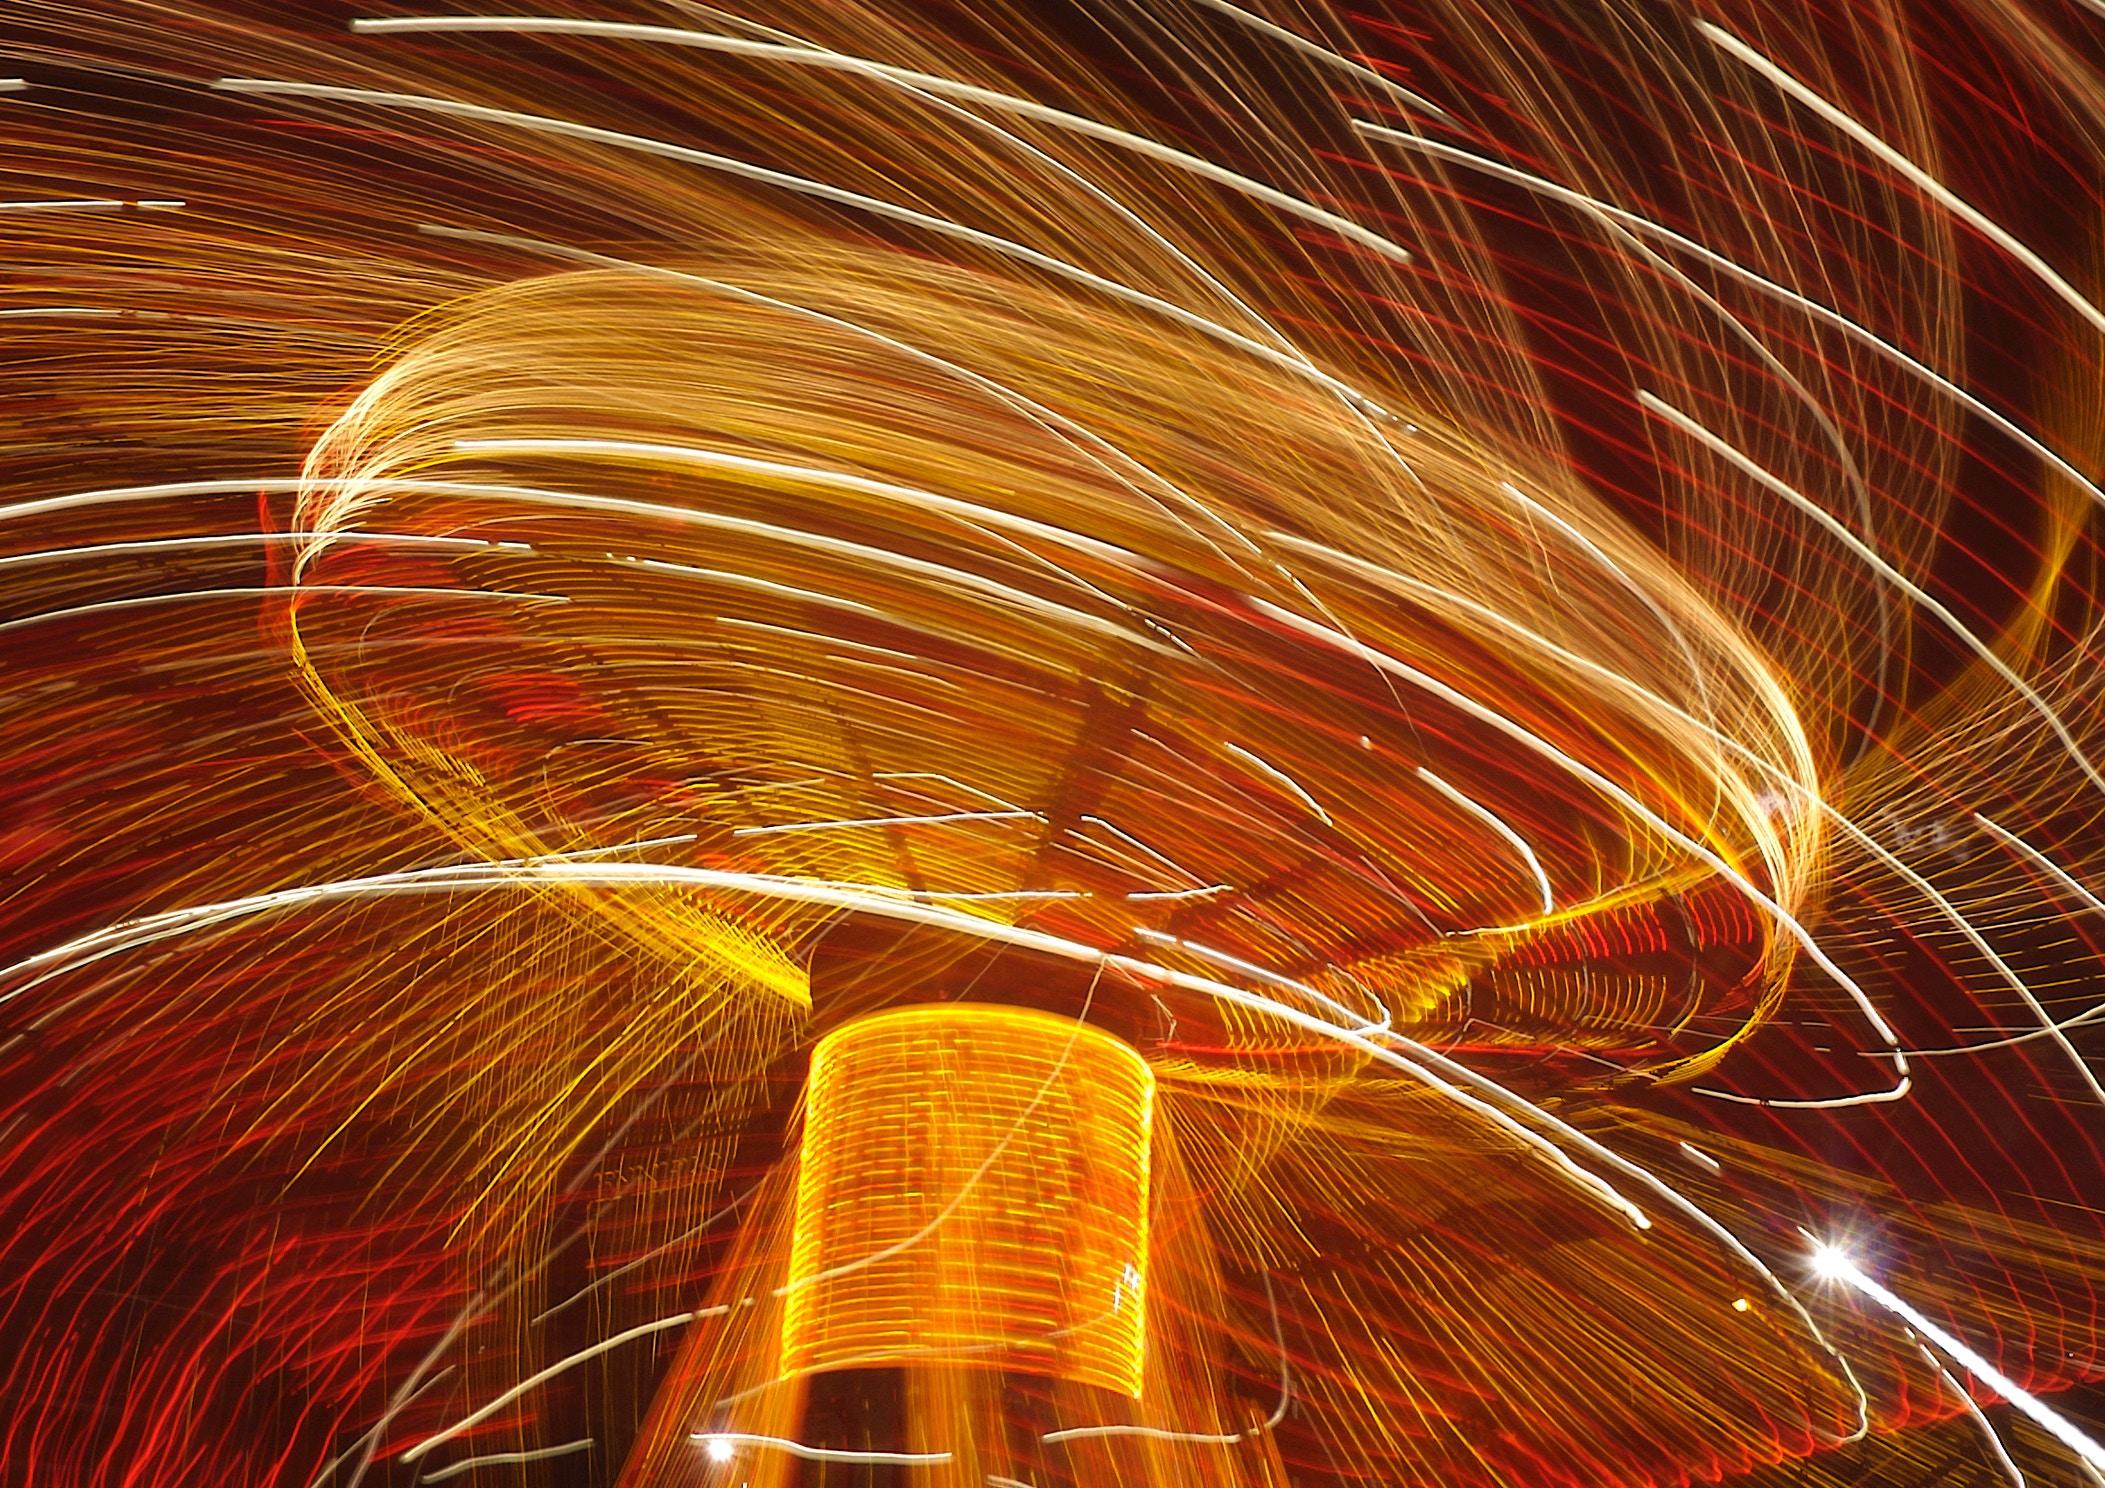 shutter speed for long exposure